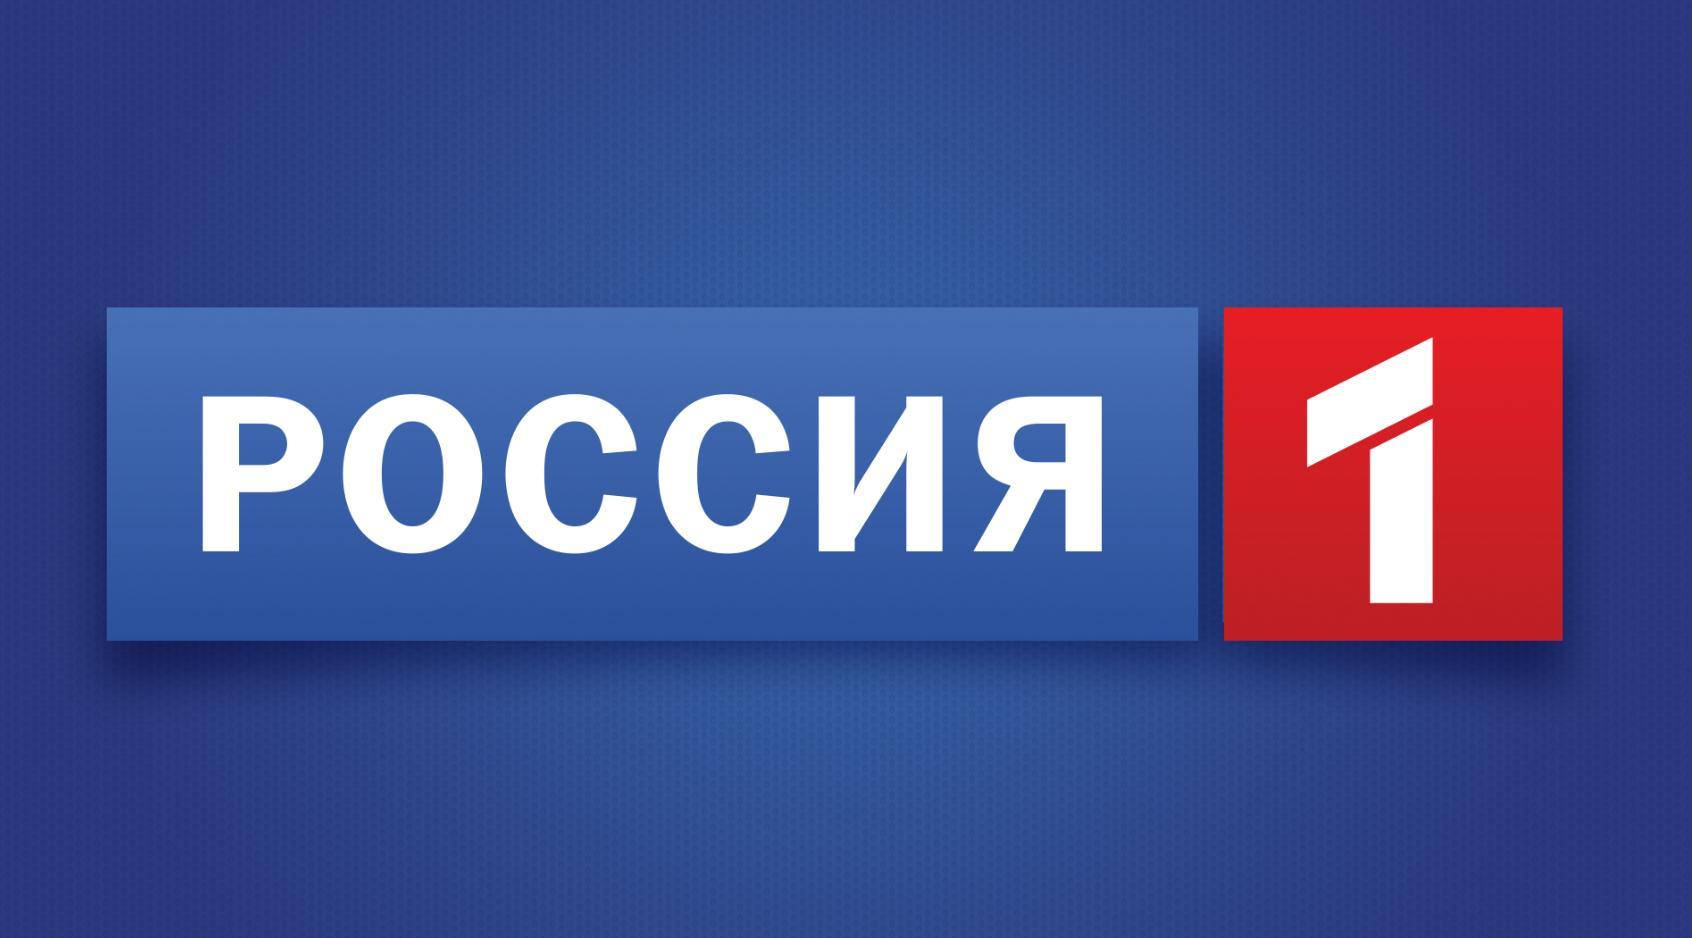 Программа россия 1 на сегодня башкортостан